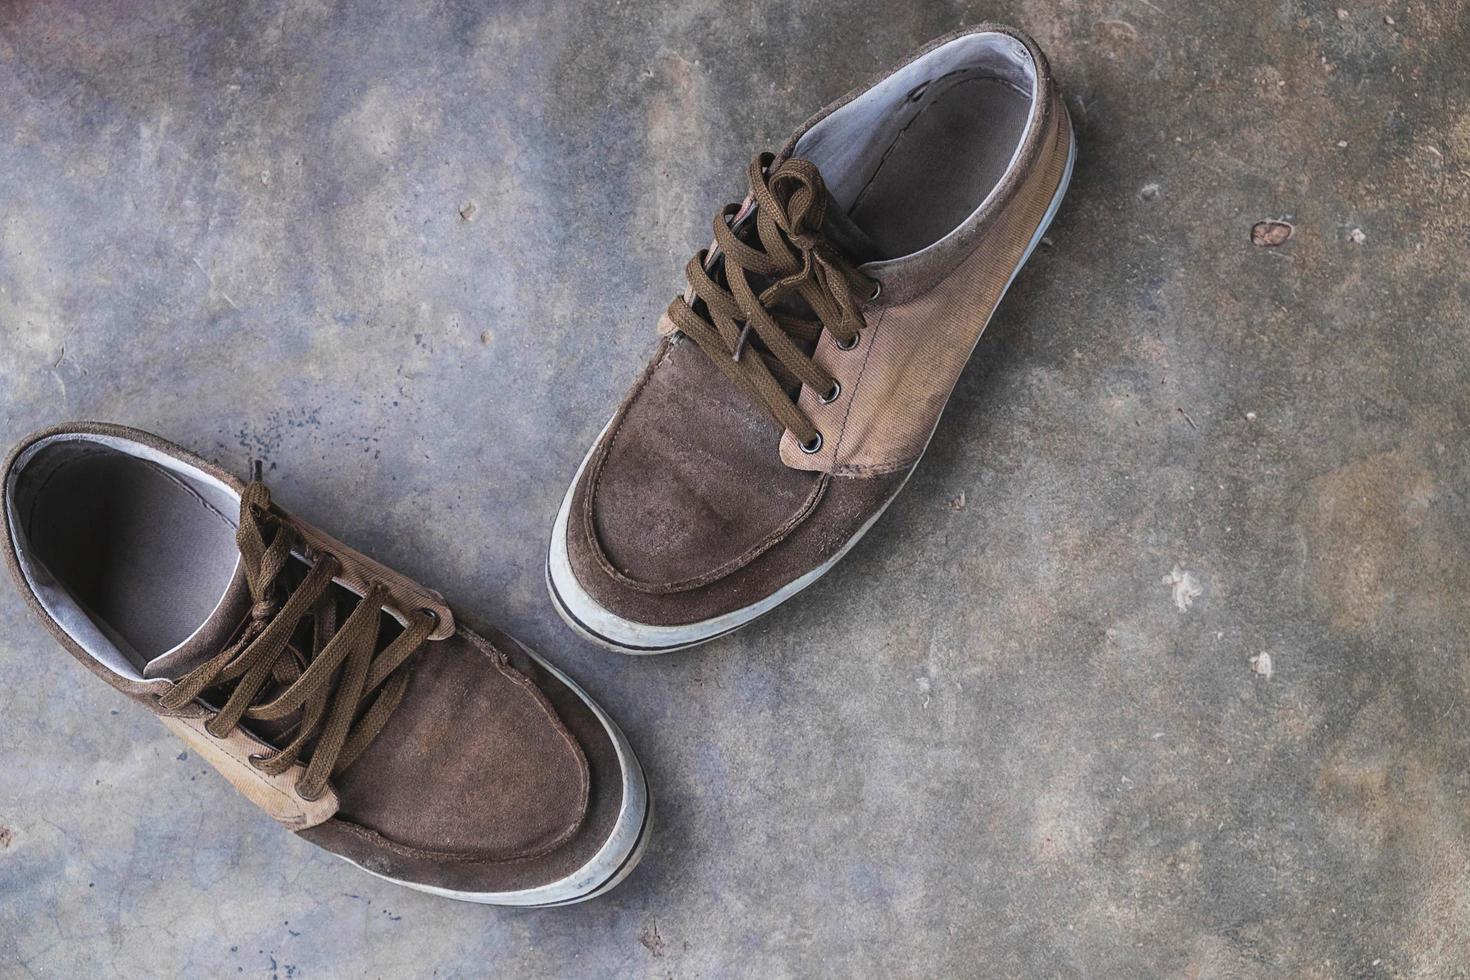 paire de chaussures en toile sur un plancher photo